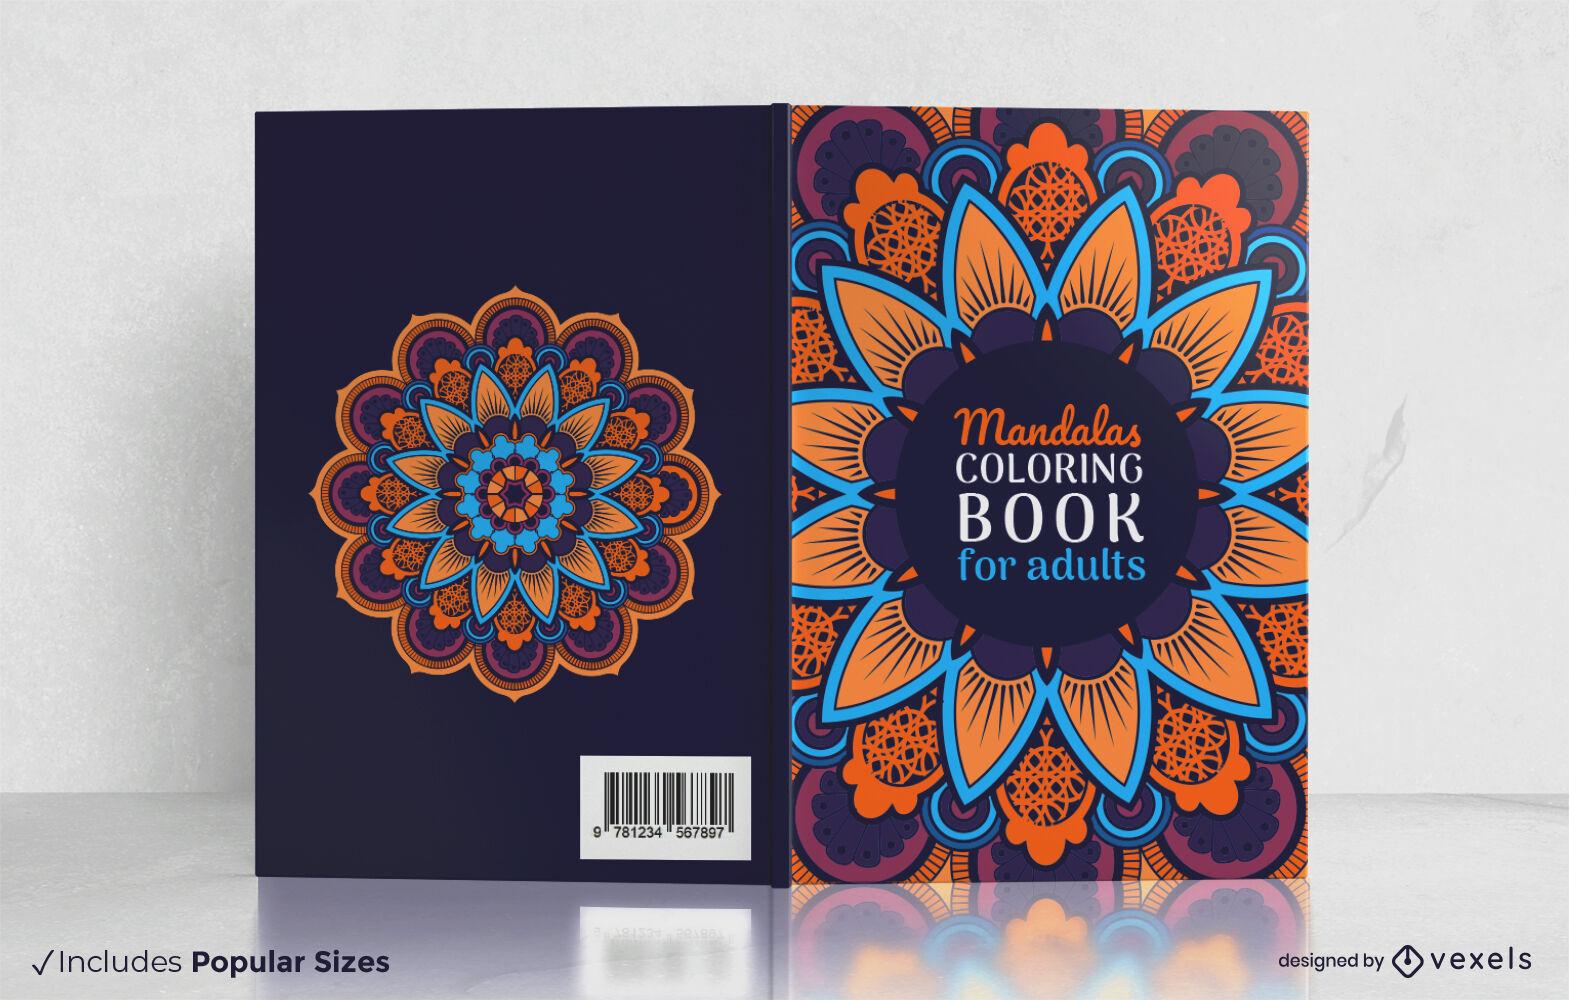 Mandala coloring adult book cover design